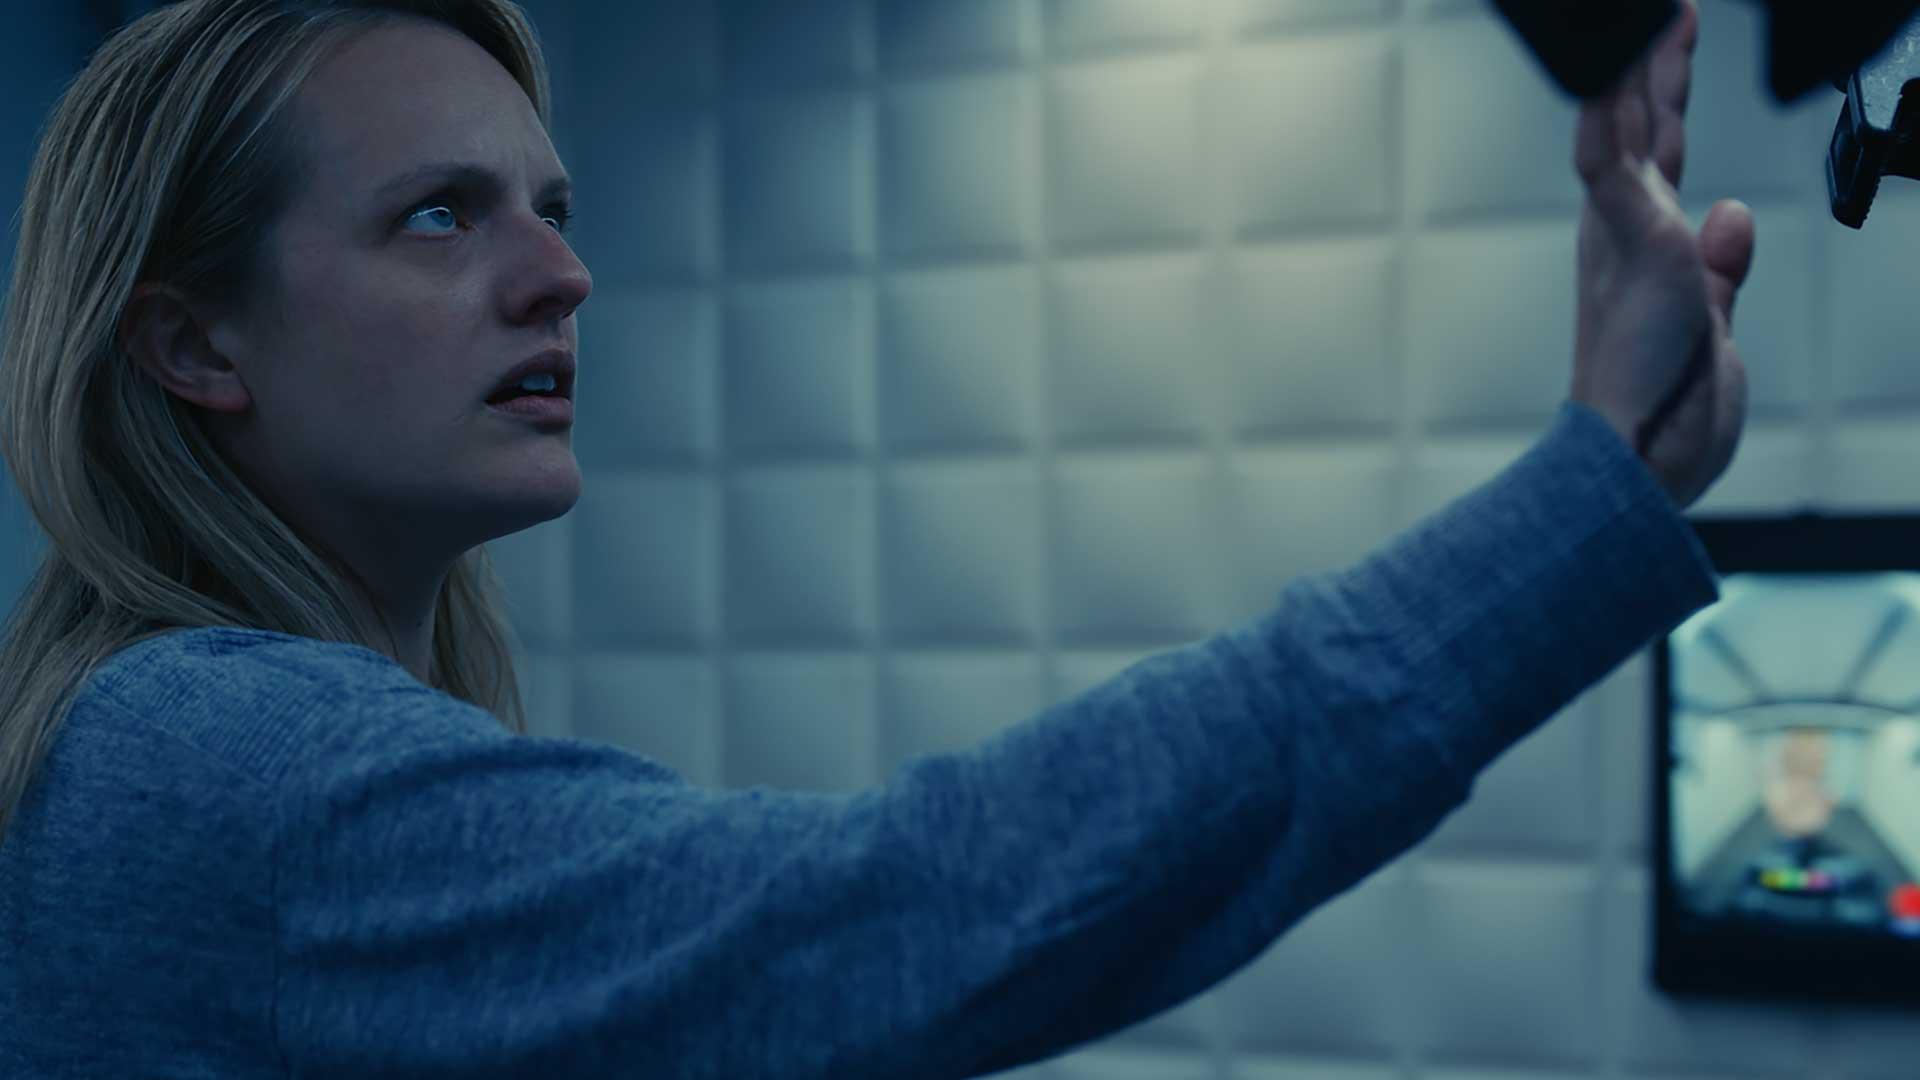 Film – Omul invizibil; The invisible man – merită sau nu?